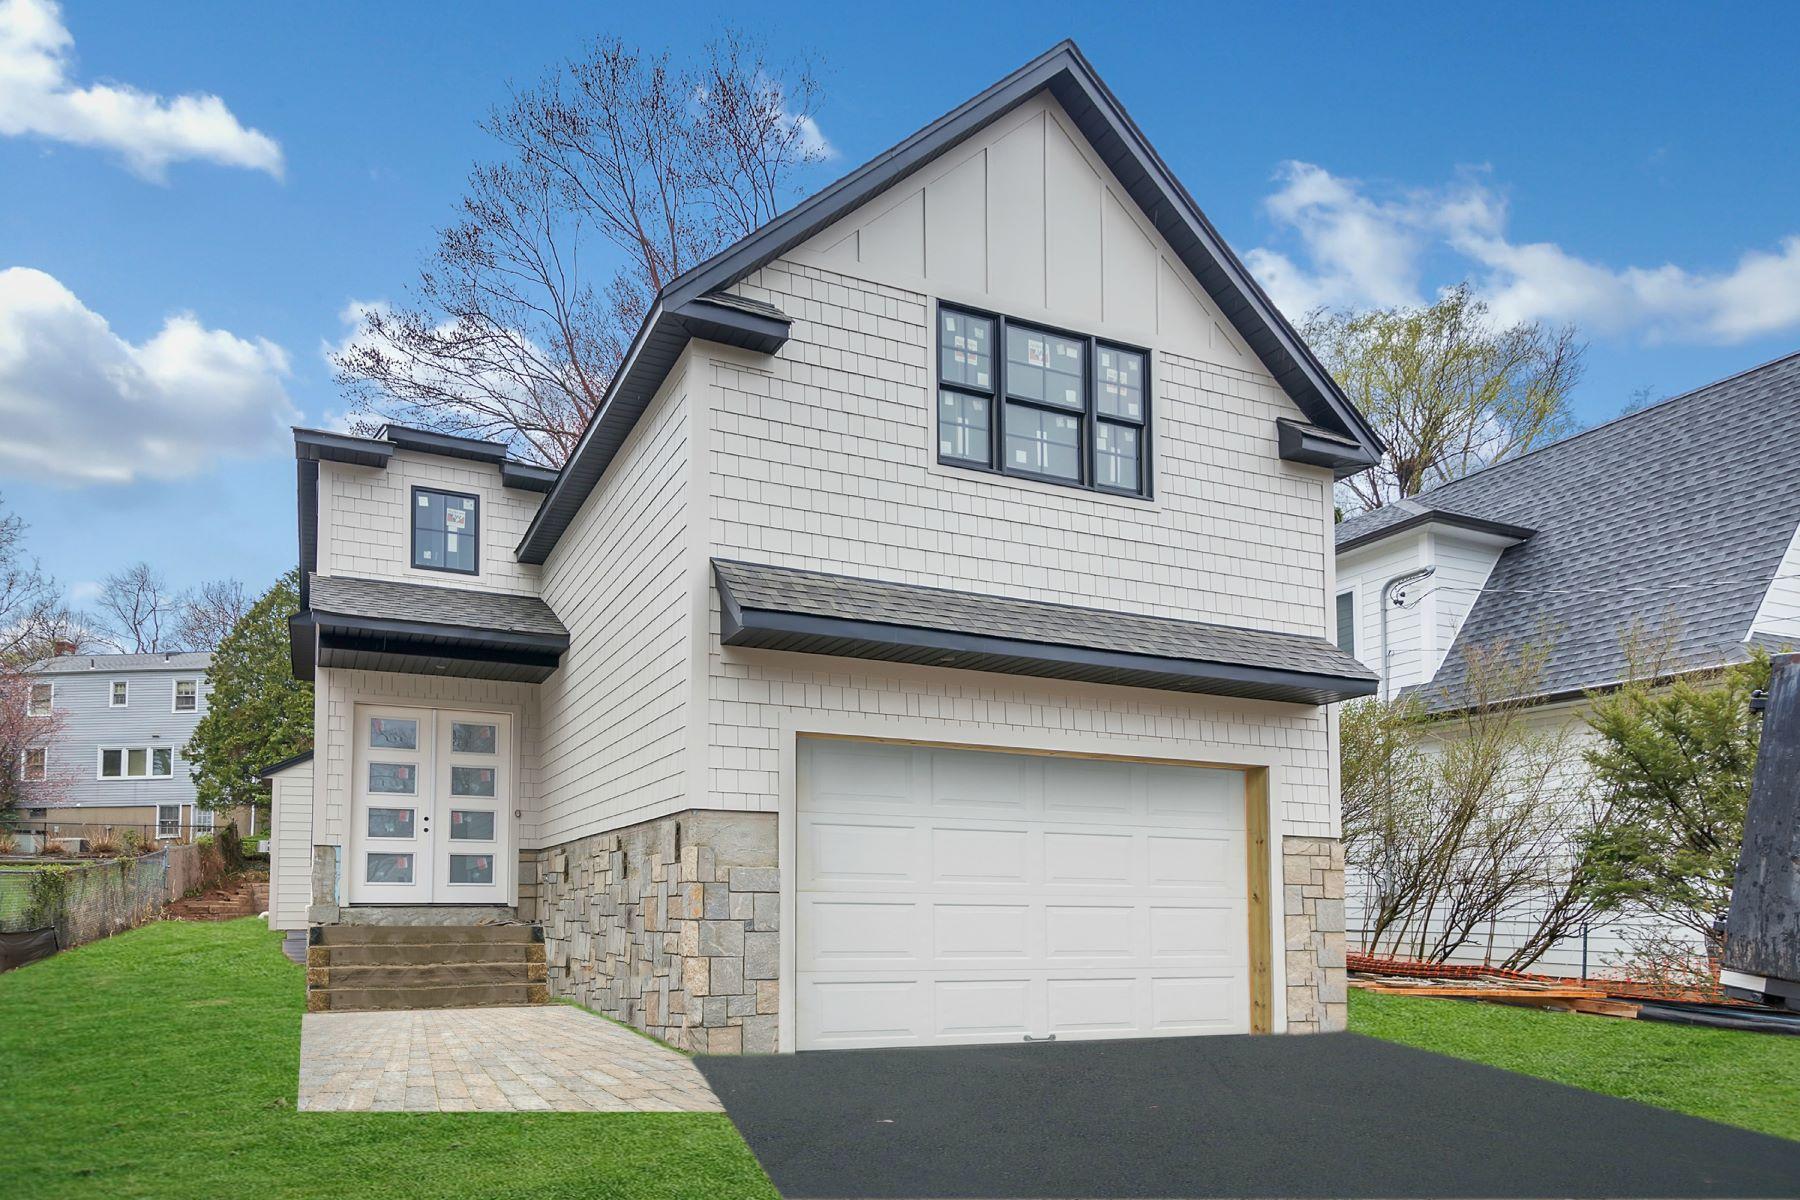 独户住宅 为 销售 在 Stunning & Elegant New Construction! 13 Wight Place 特纳弗莱, 新泽西州 07670 美国